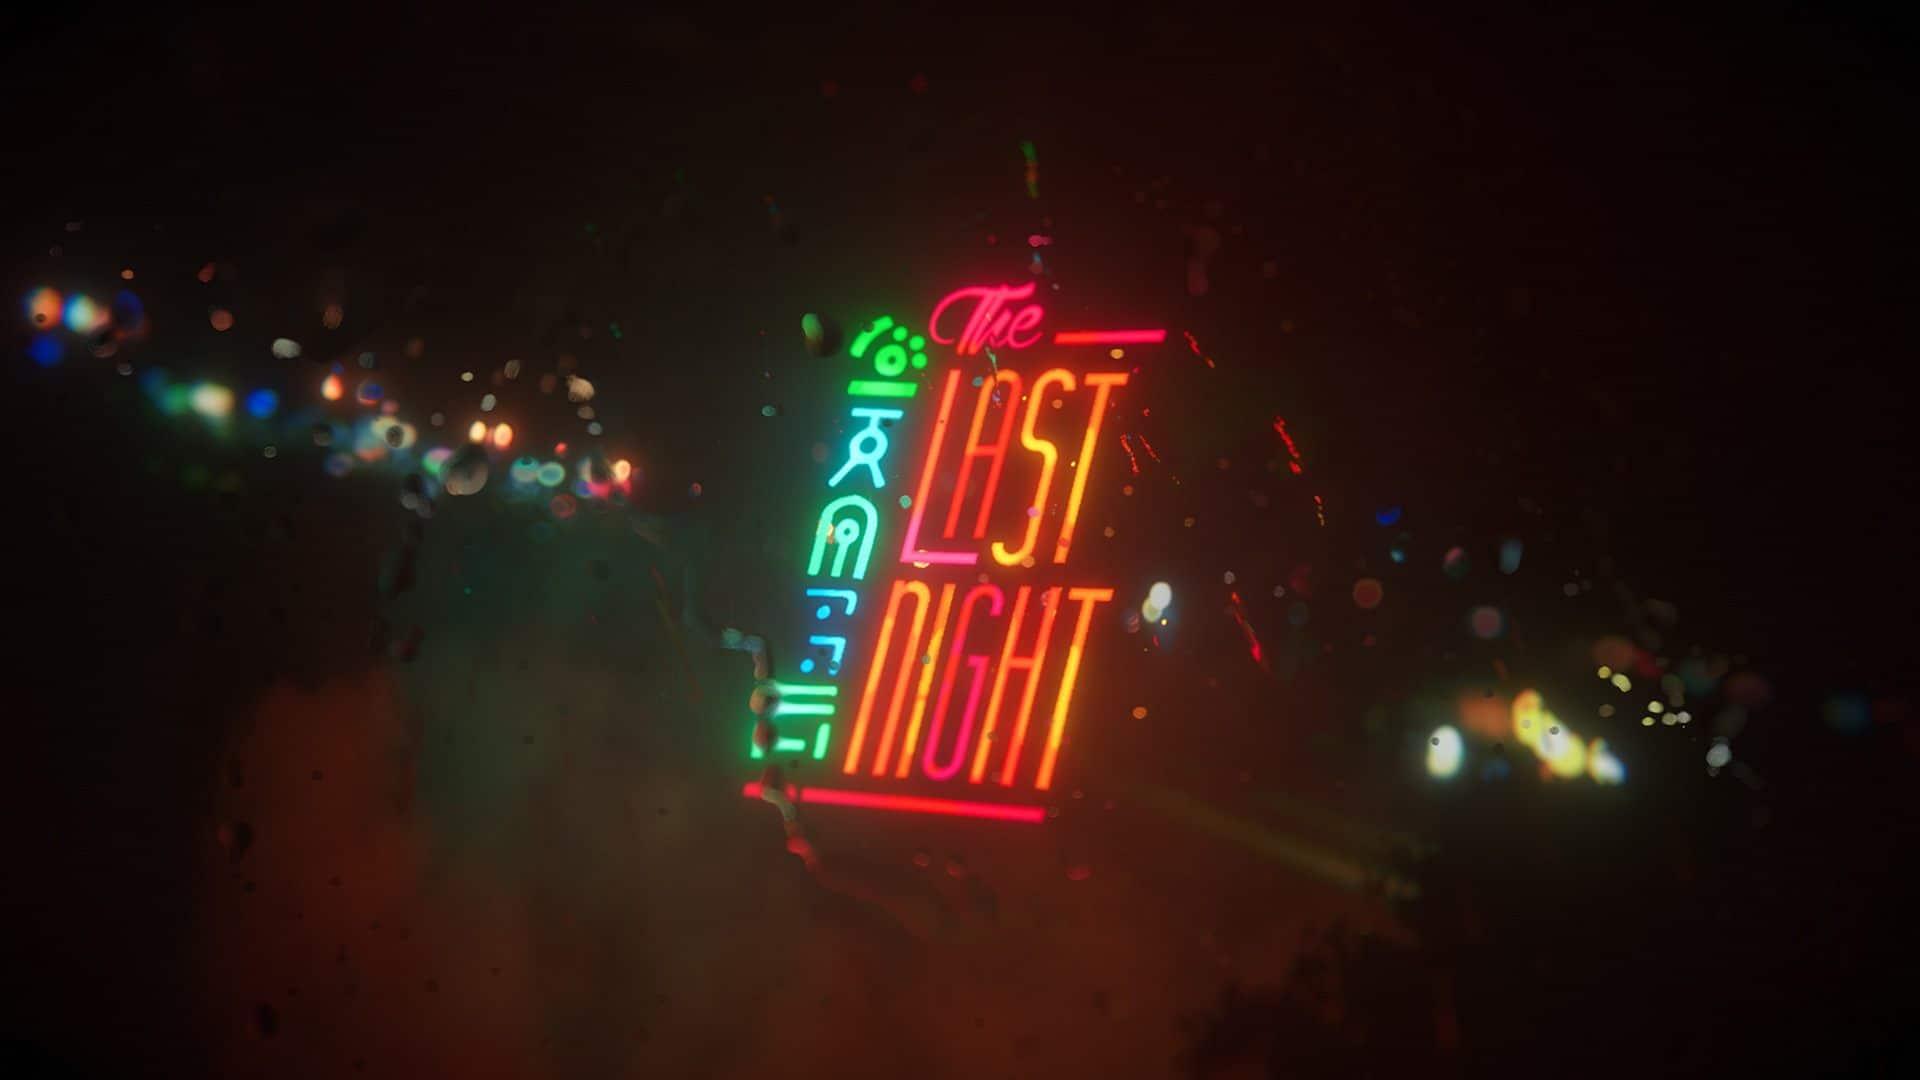 The Last Night Spiel herunterladen